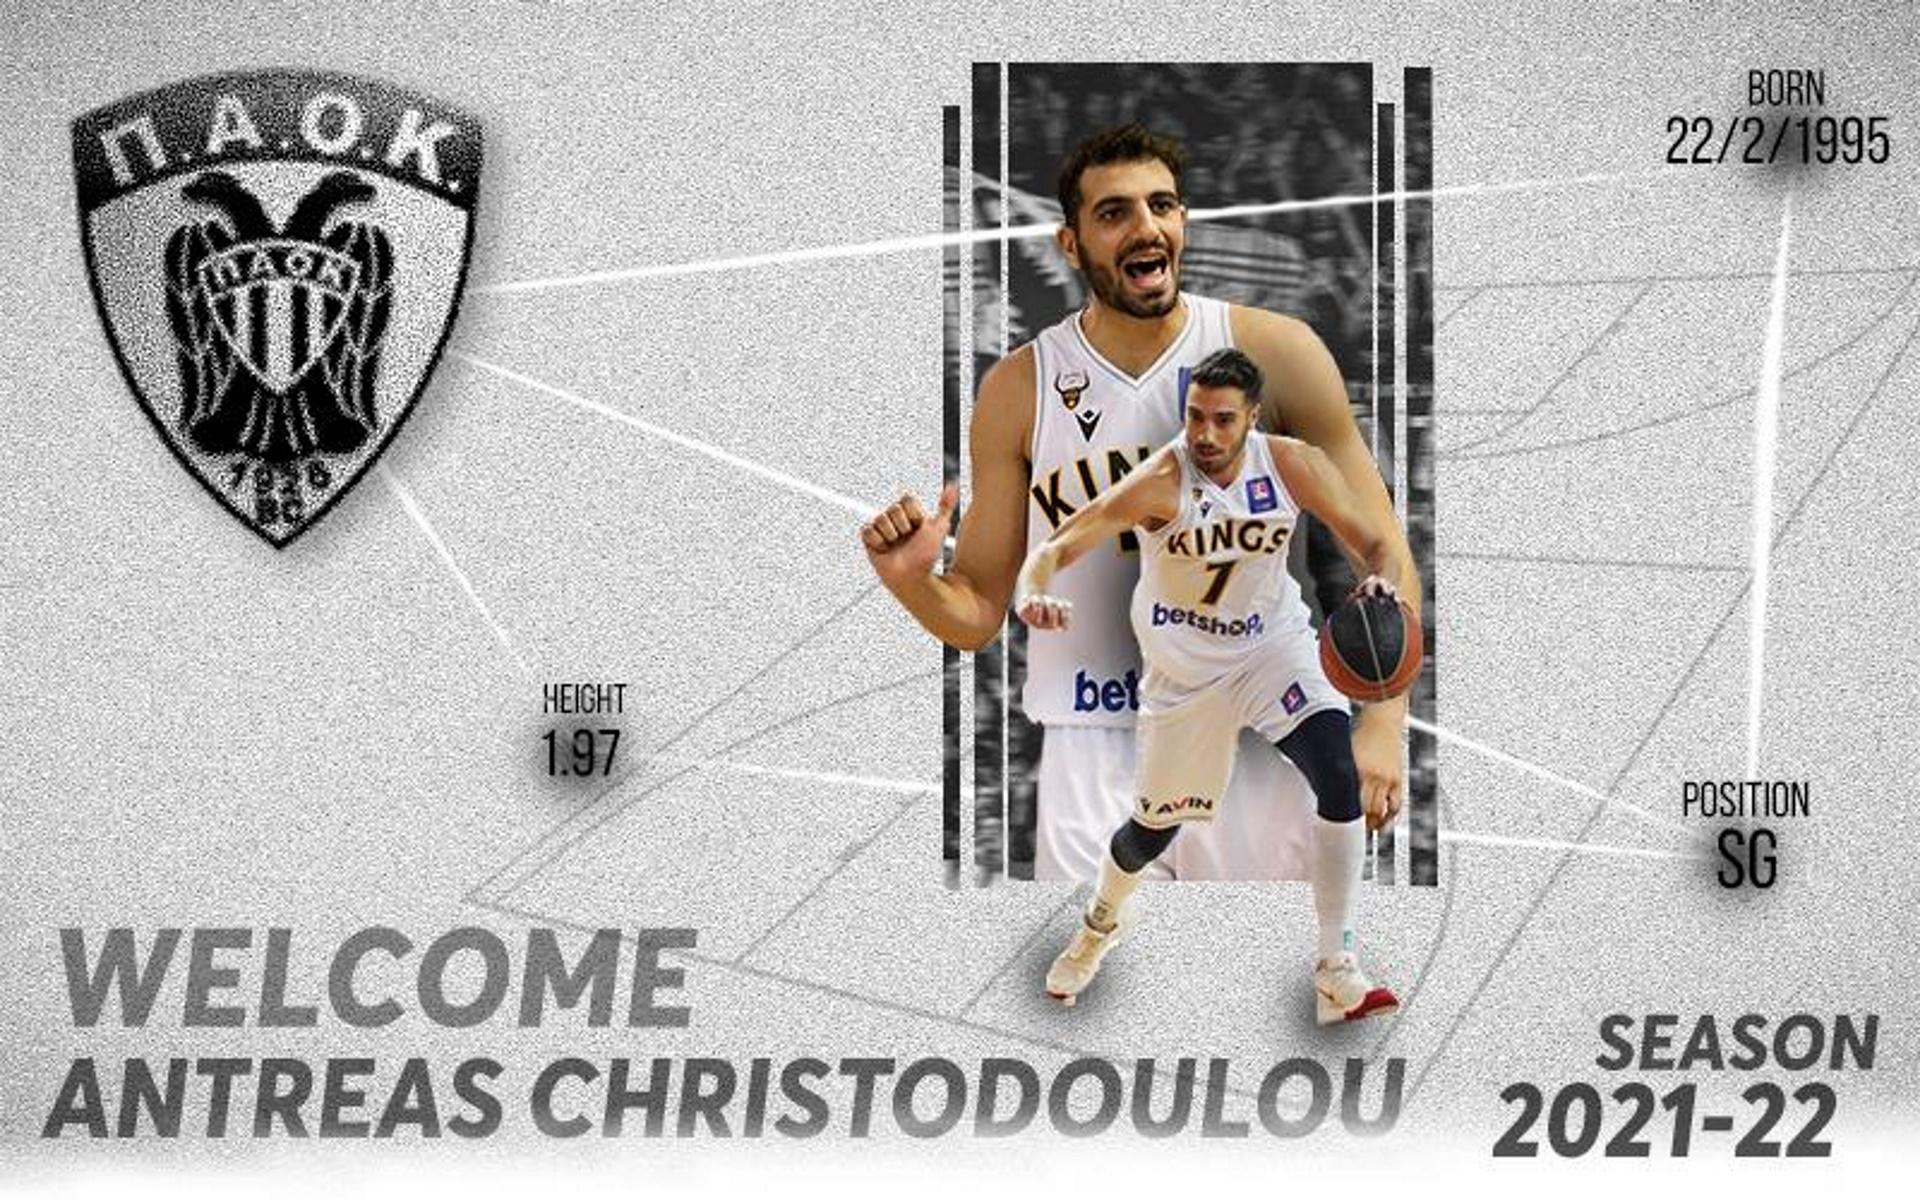 Ο ΠΑΟΚ ανακοίνωσε την απόκτηση του Ανδρέα Χριστοδούλου